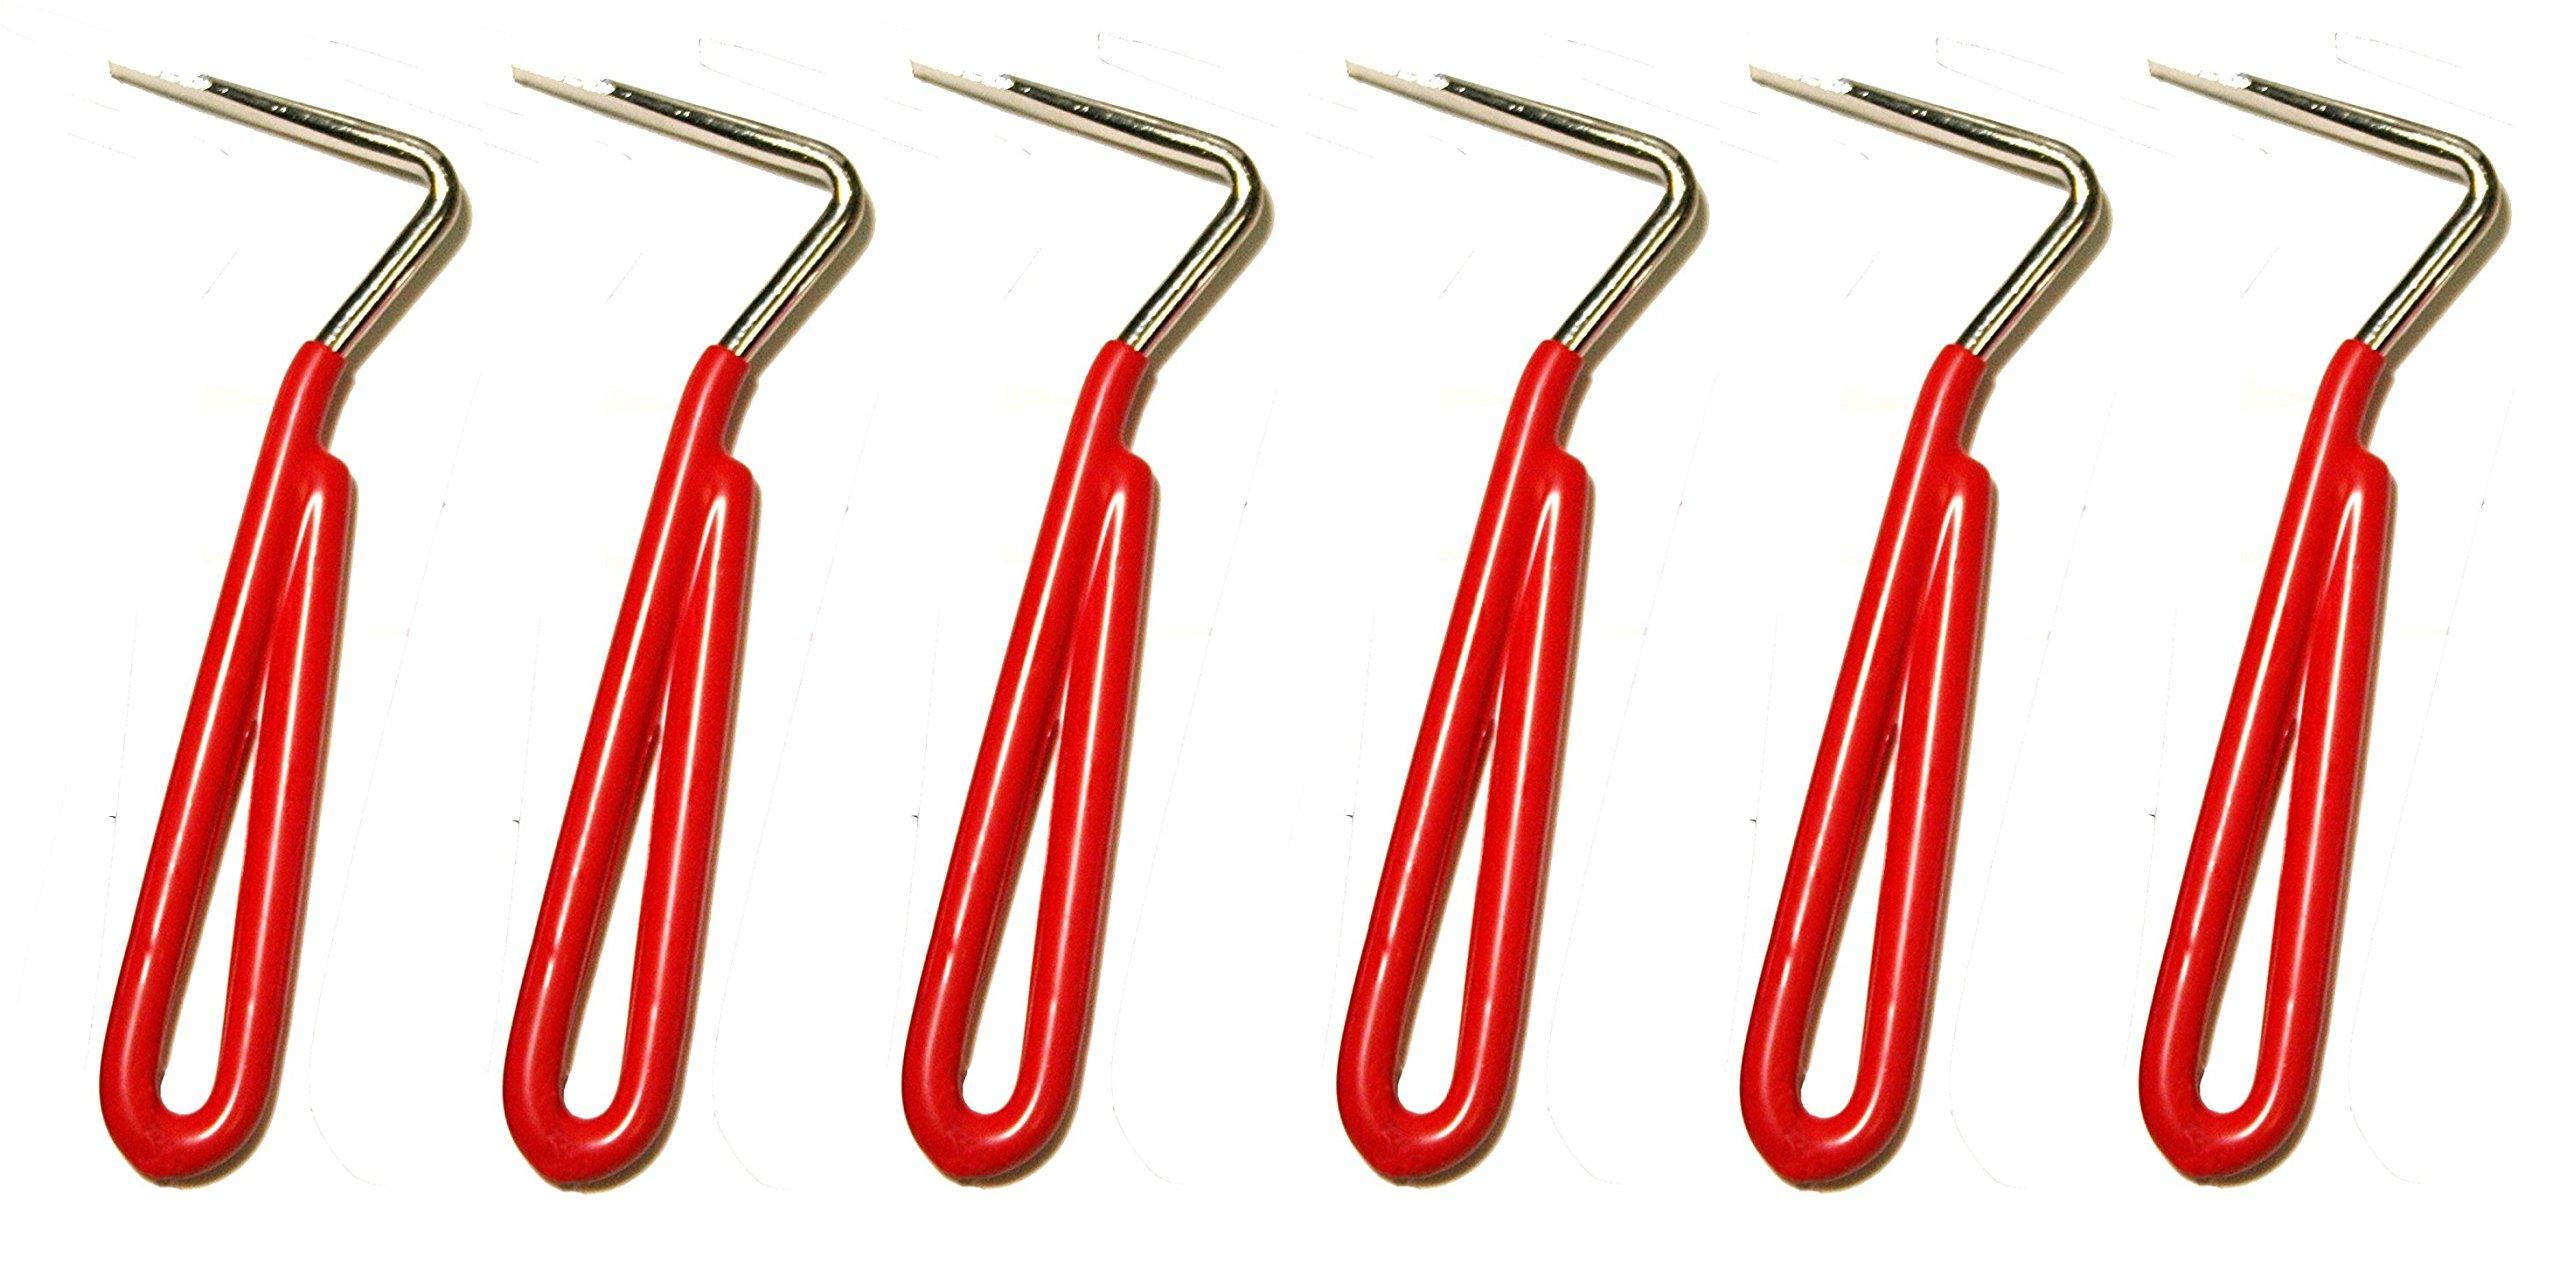 PVC Coated Hoof Pick (Lot of 6) - Red